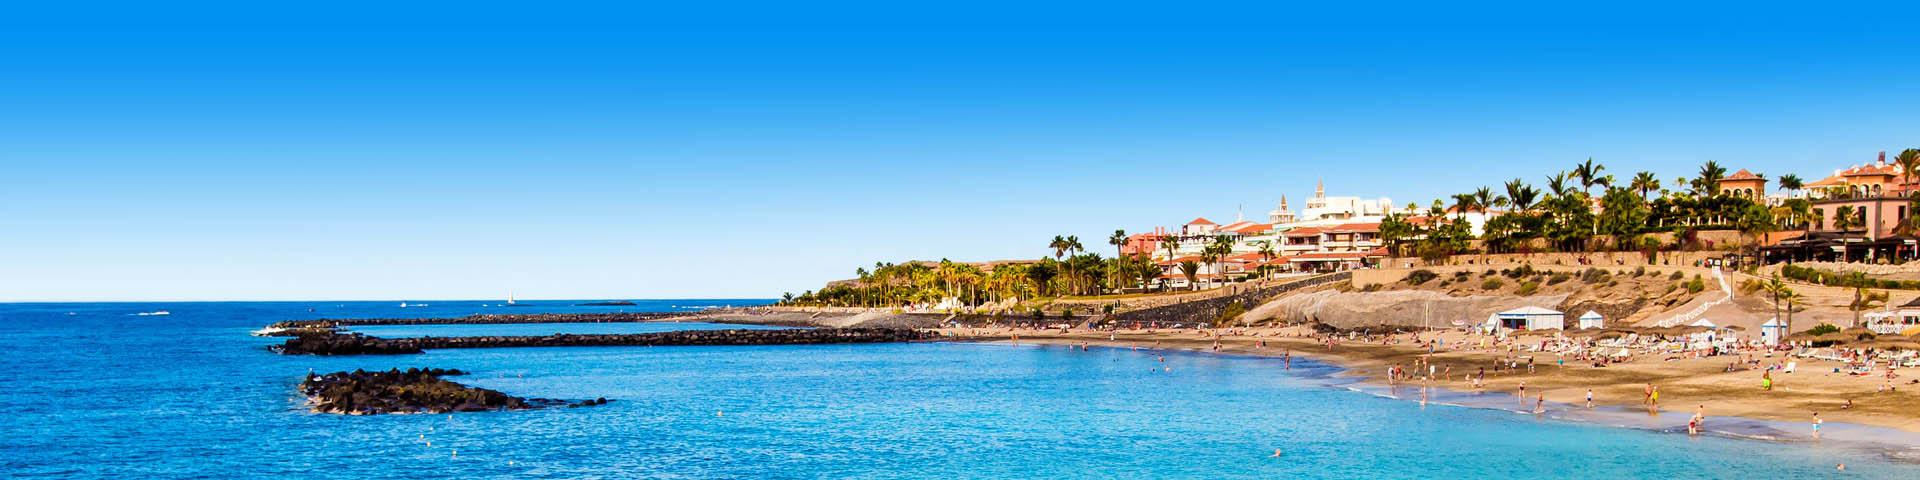 Zandstrand met azuurblauwe zee en palmbomen